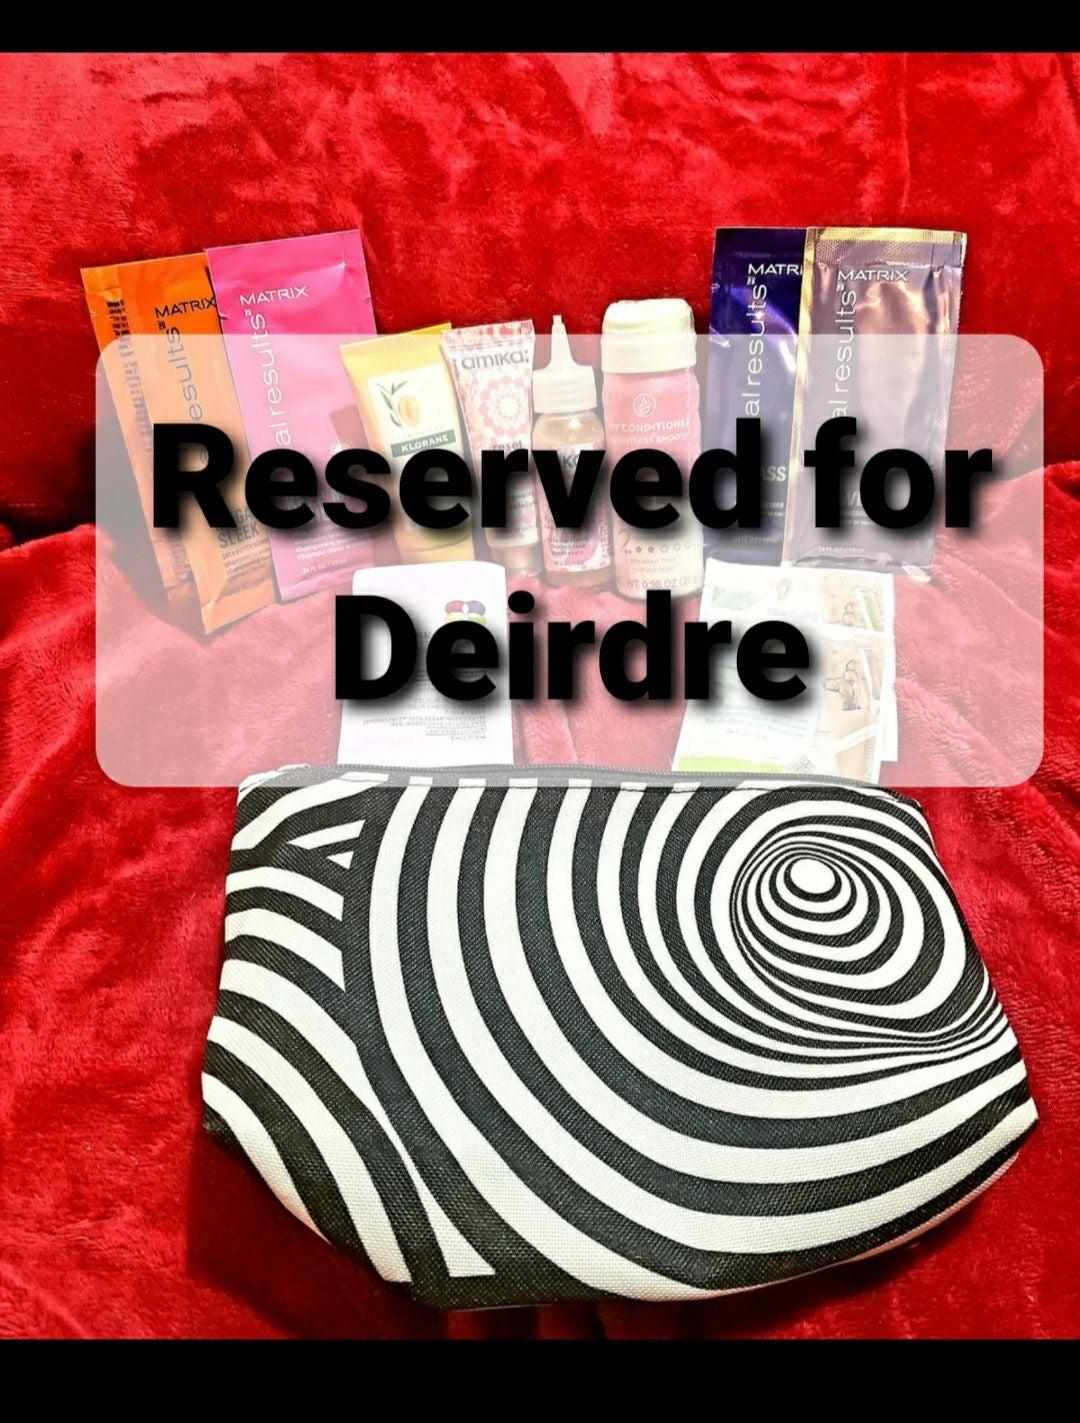 Reserved for Deirdre